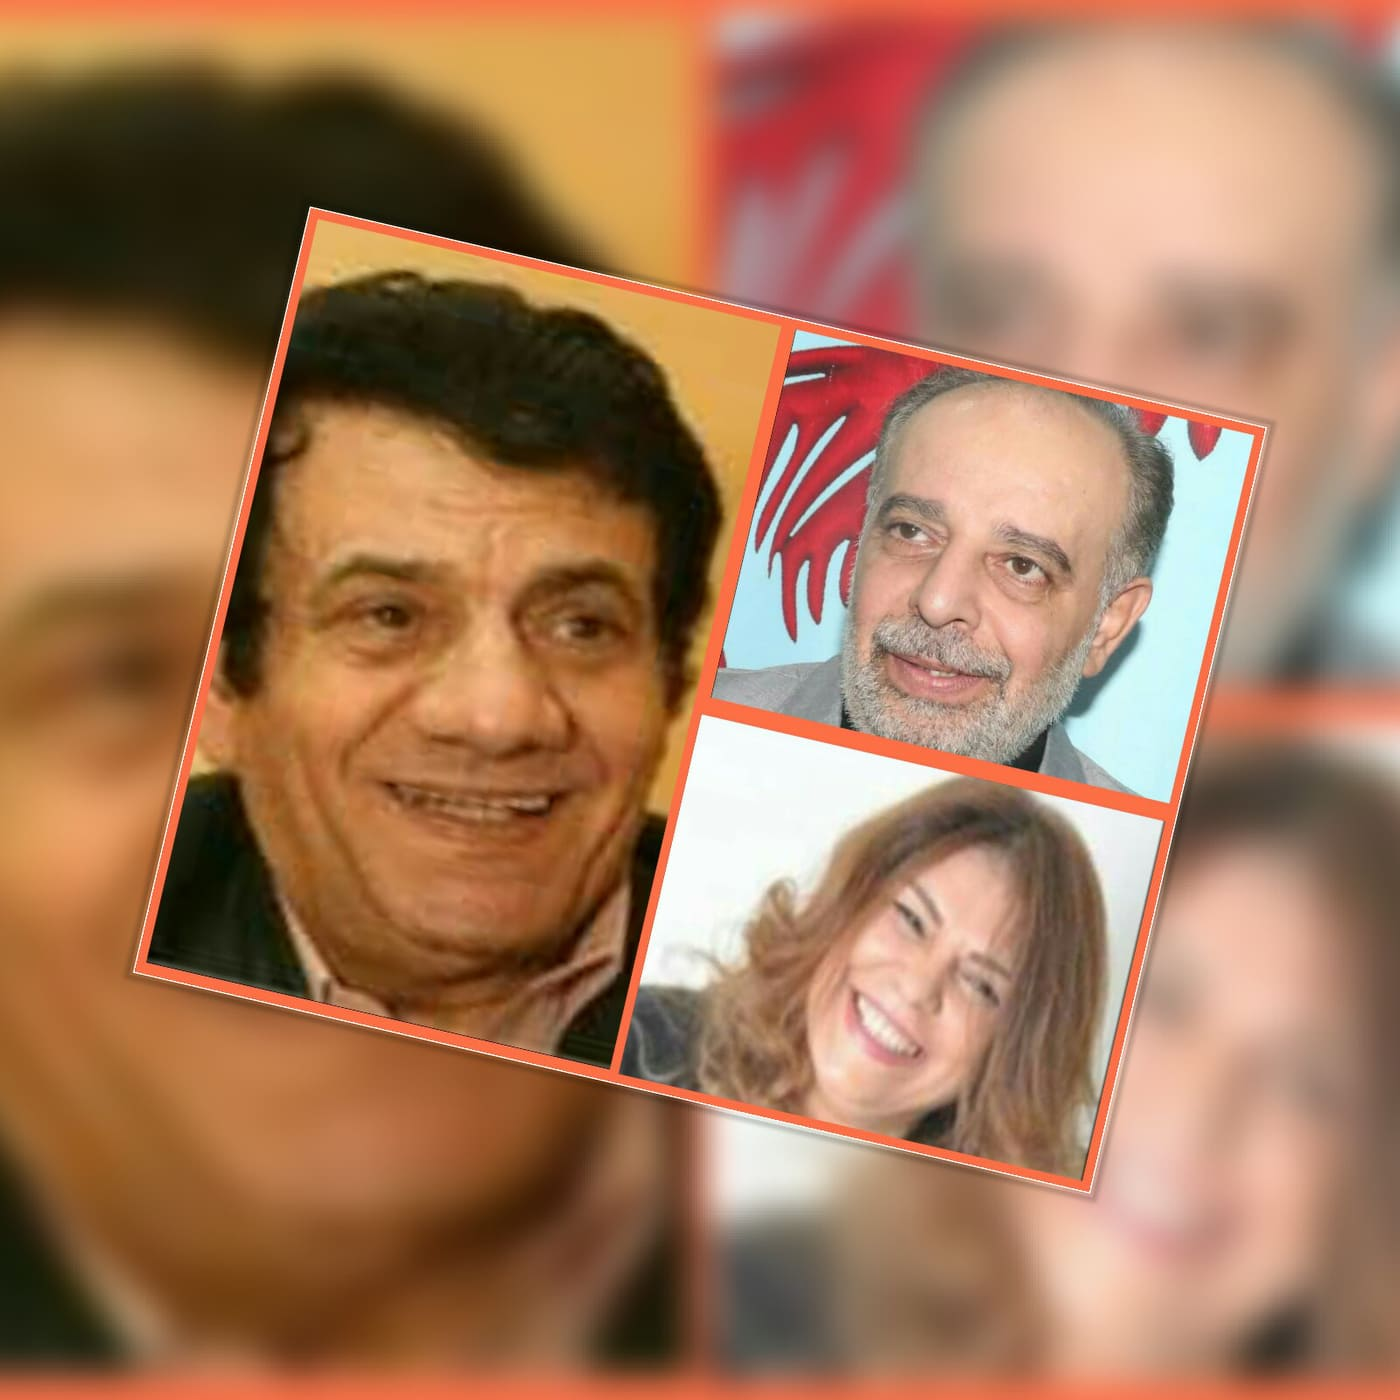 بمصر: الفنانة آمال حلمي تهدي مقتنيات الراحل مظهر أبو النجا للمركز القومي للمسرح والموسيقى والفنون الشعبية/ أحمد جميل